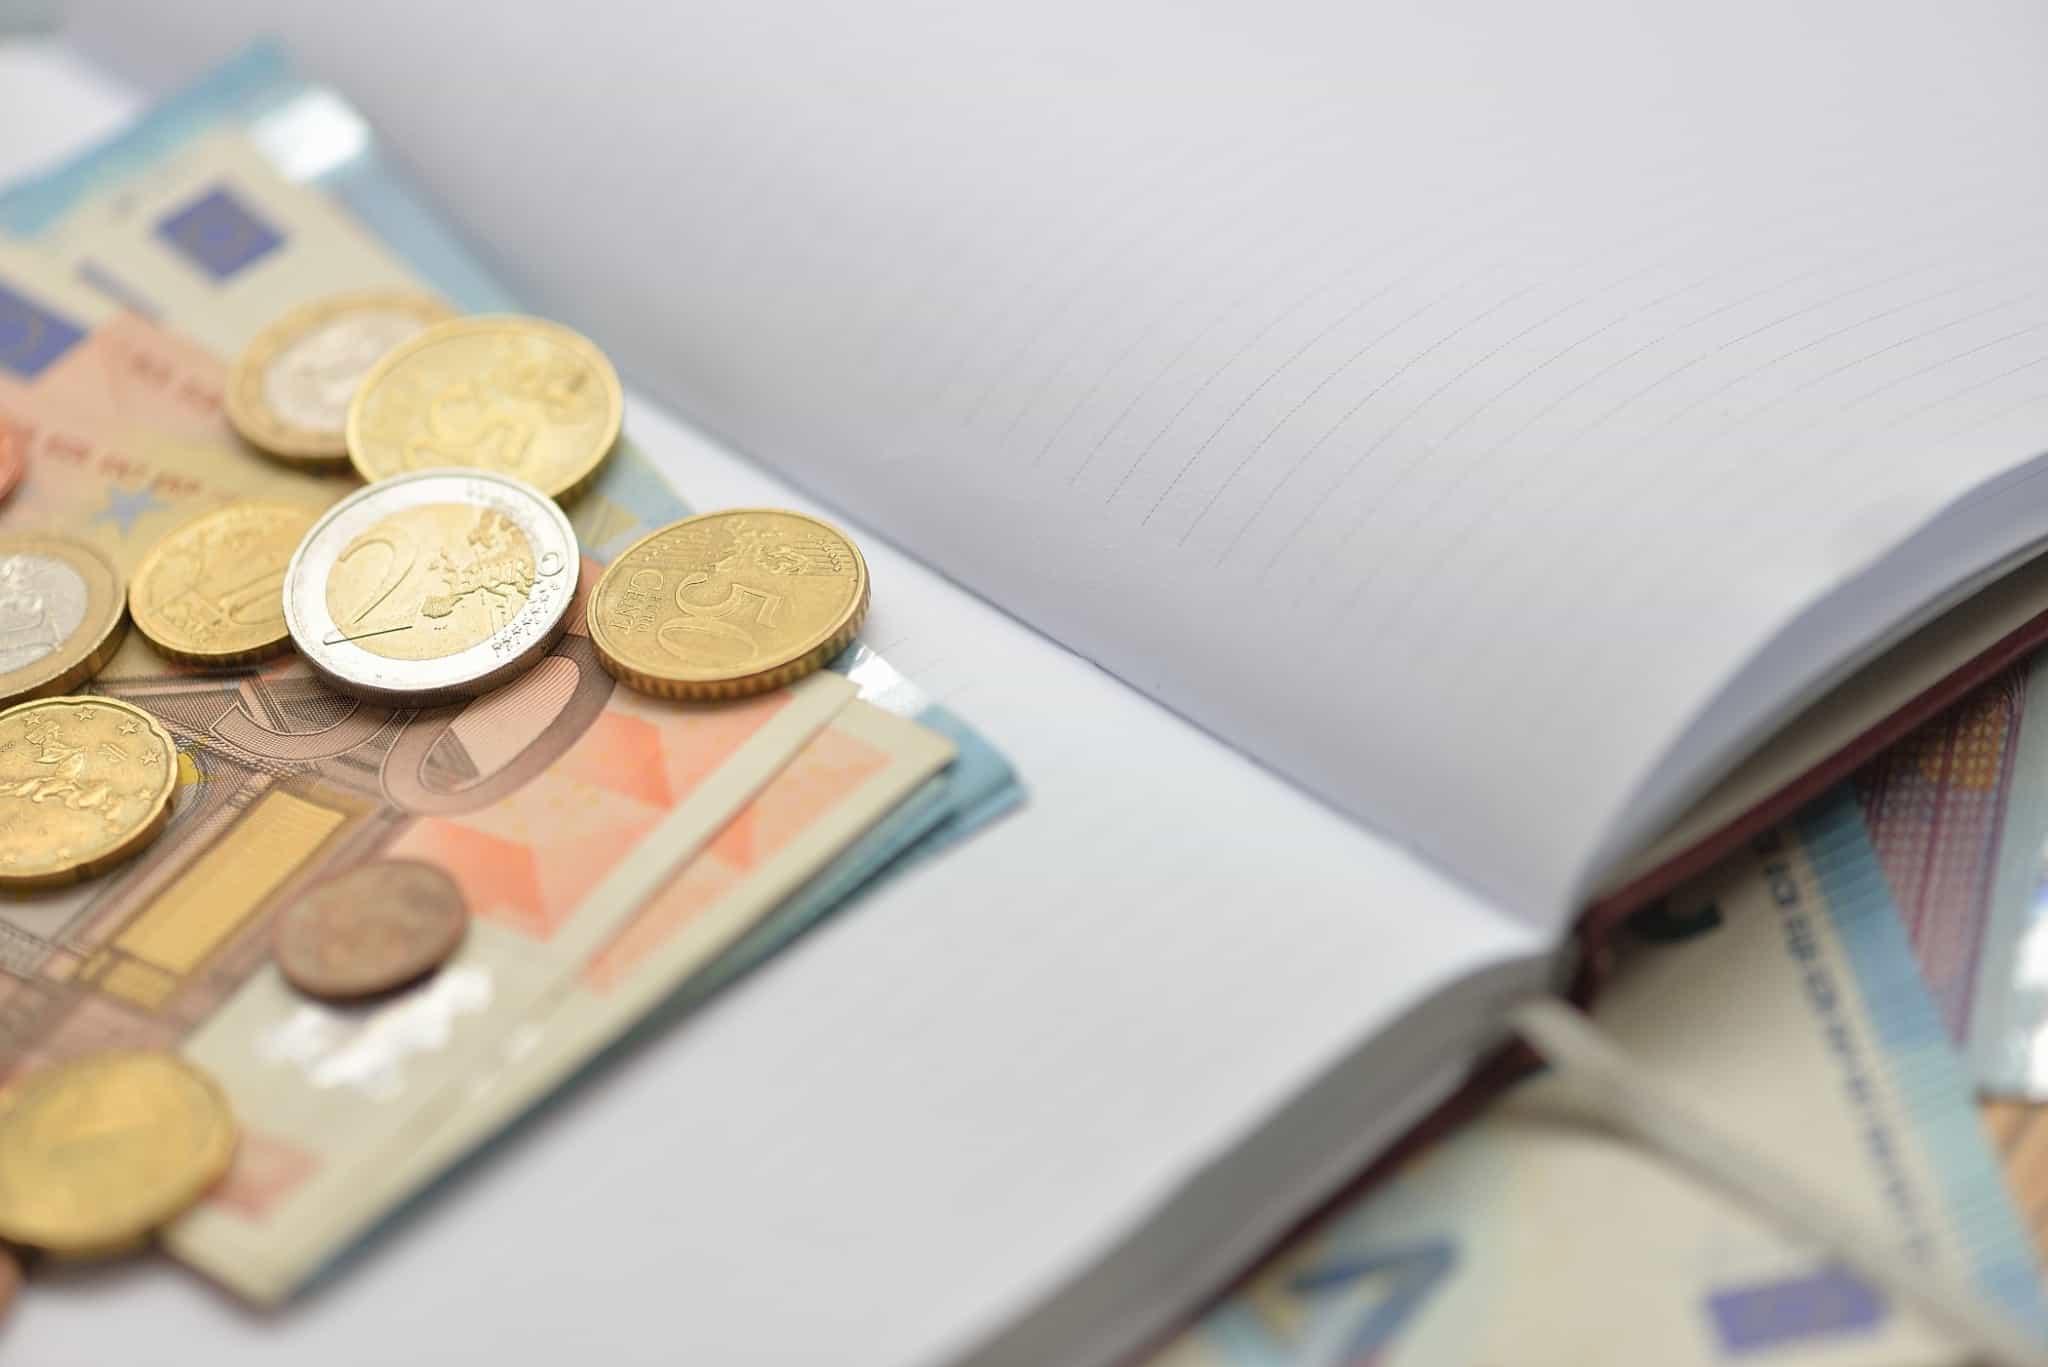 caderno aberto com moedas lá dentro